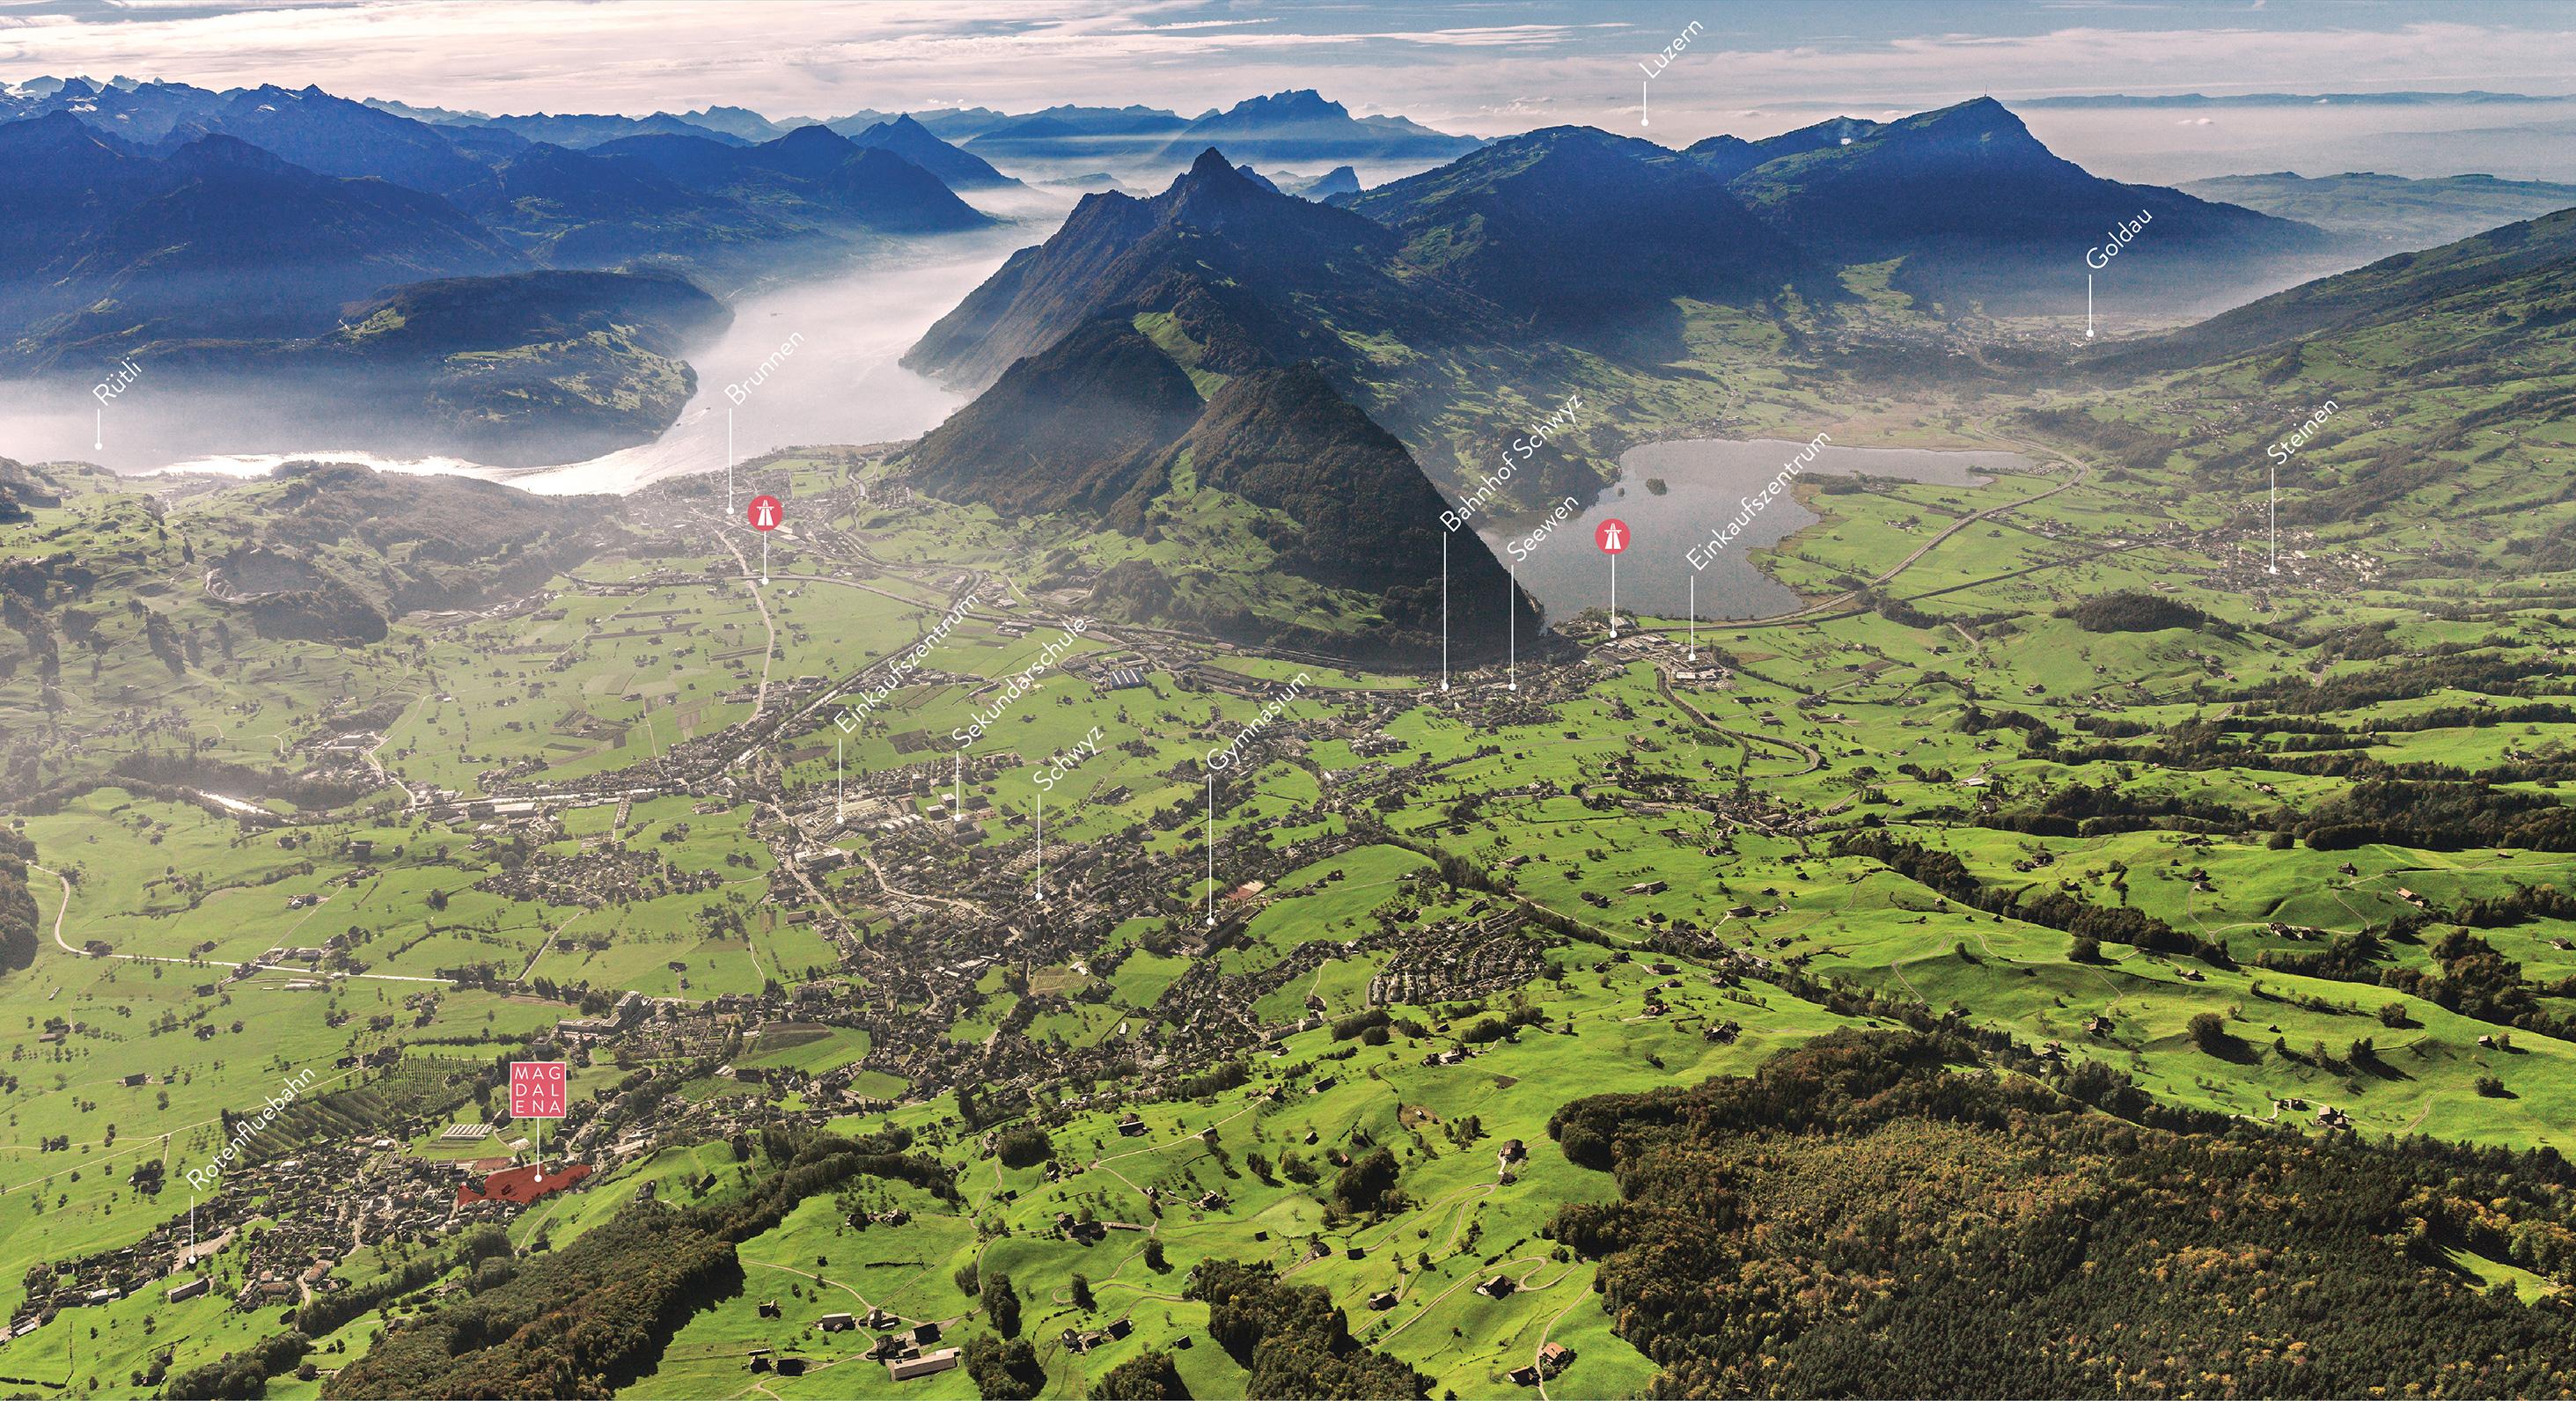 Talkessel Schwyz mit Sicht auf Seen und Berge